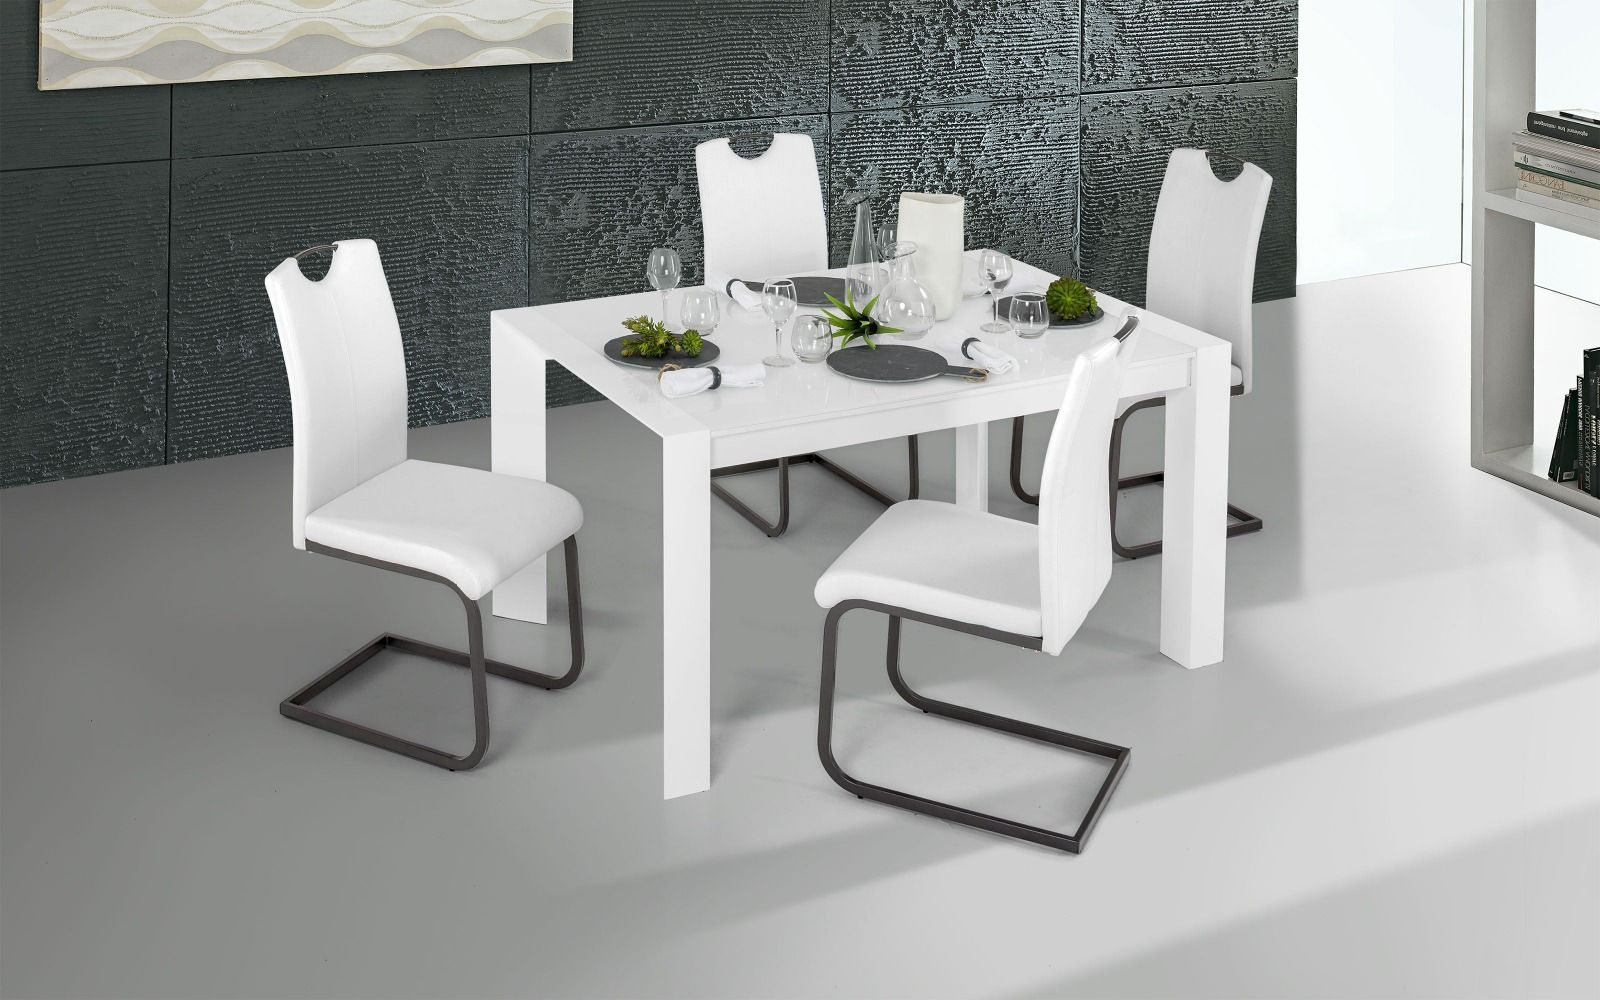 Tavolo Wood Bianco Mondo Convenienza.Bianco Vetro Bianco Tavolo Allungabile Con Gambe A Piramide E